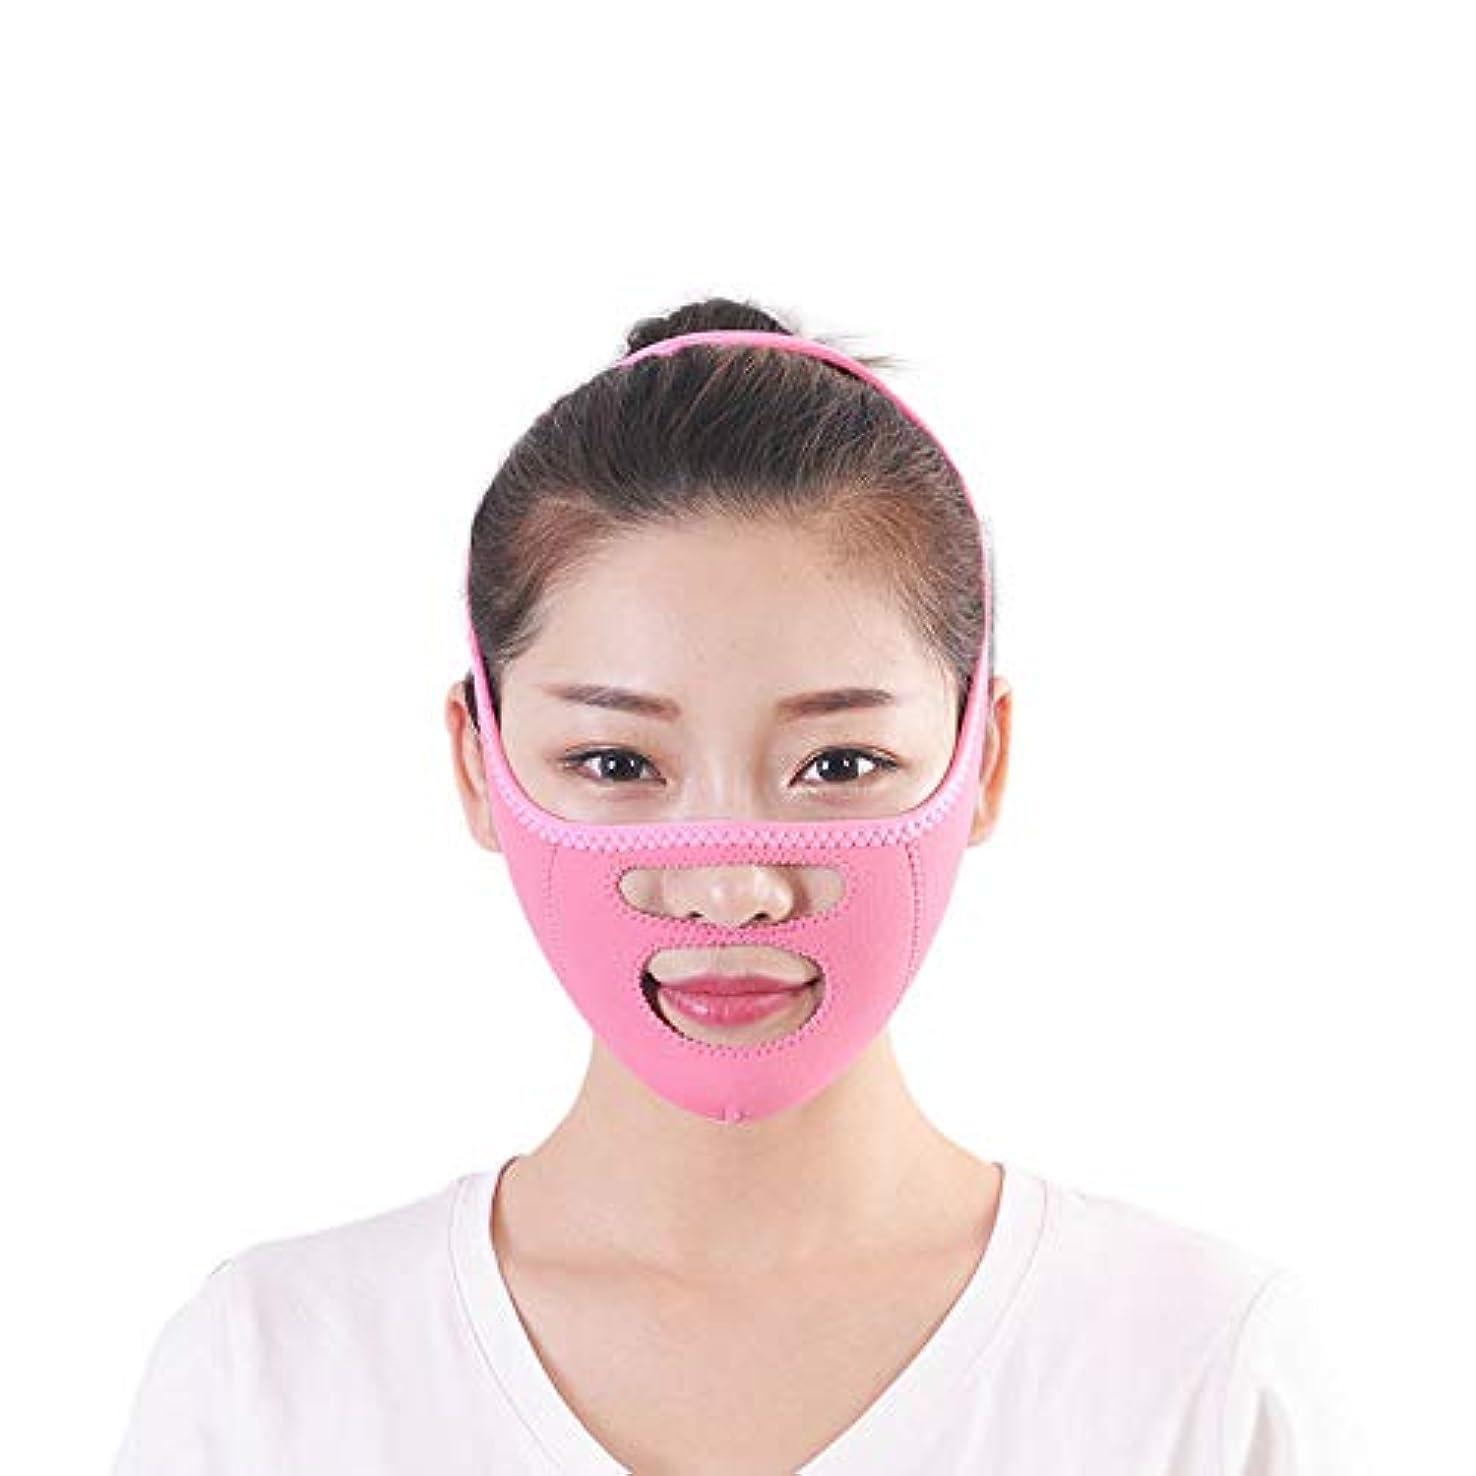 テセウス気候の山前提条件二重あごの顔の減量の緩和を改善するためのフェイスリフティングアーチファクトマスク、ビームフェイス包帯/小型Vフェイスリフティングタイト補正,Blue